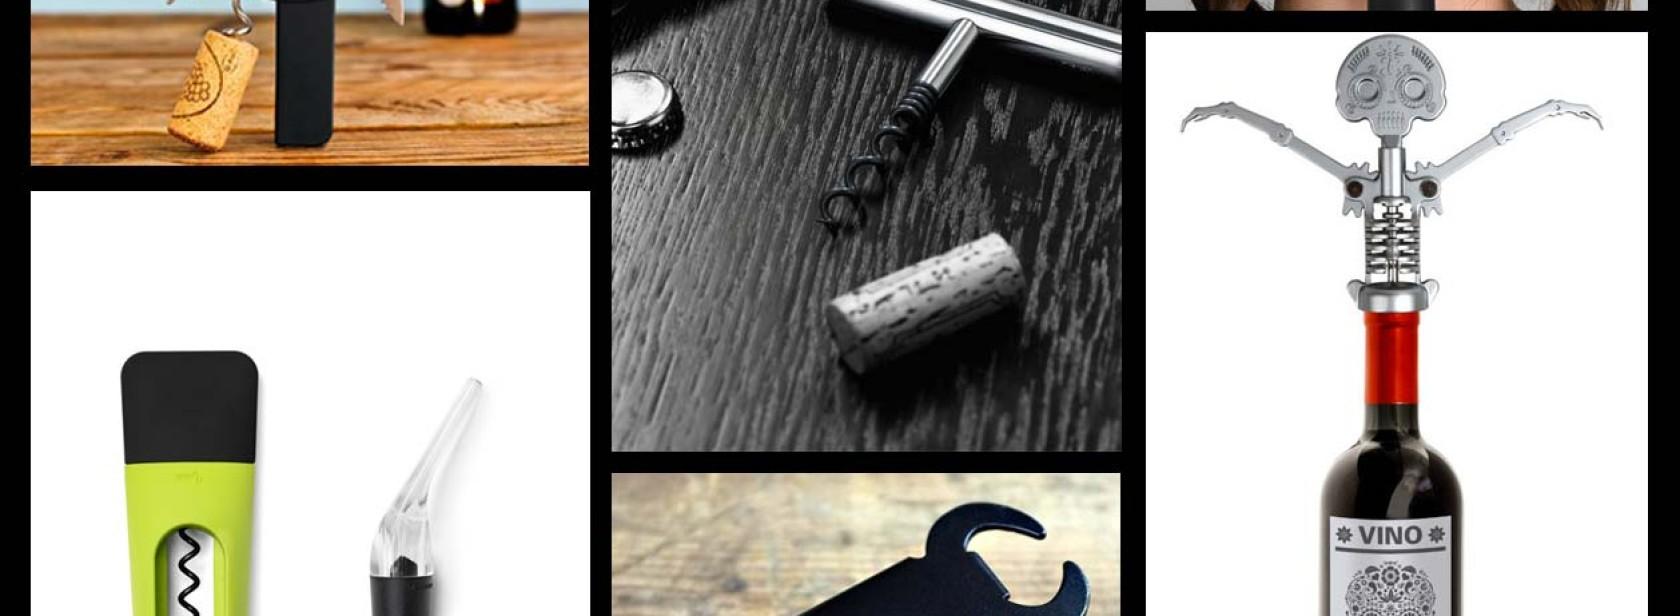 apribottiglie-originali-cavatappi-regali-vino-accessori-design-novita-exclusive-wine-1680x616